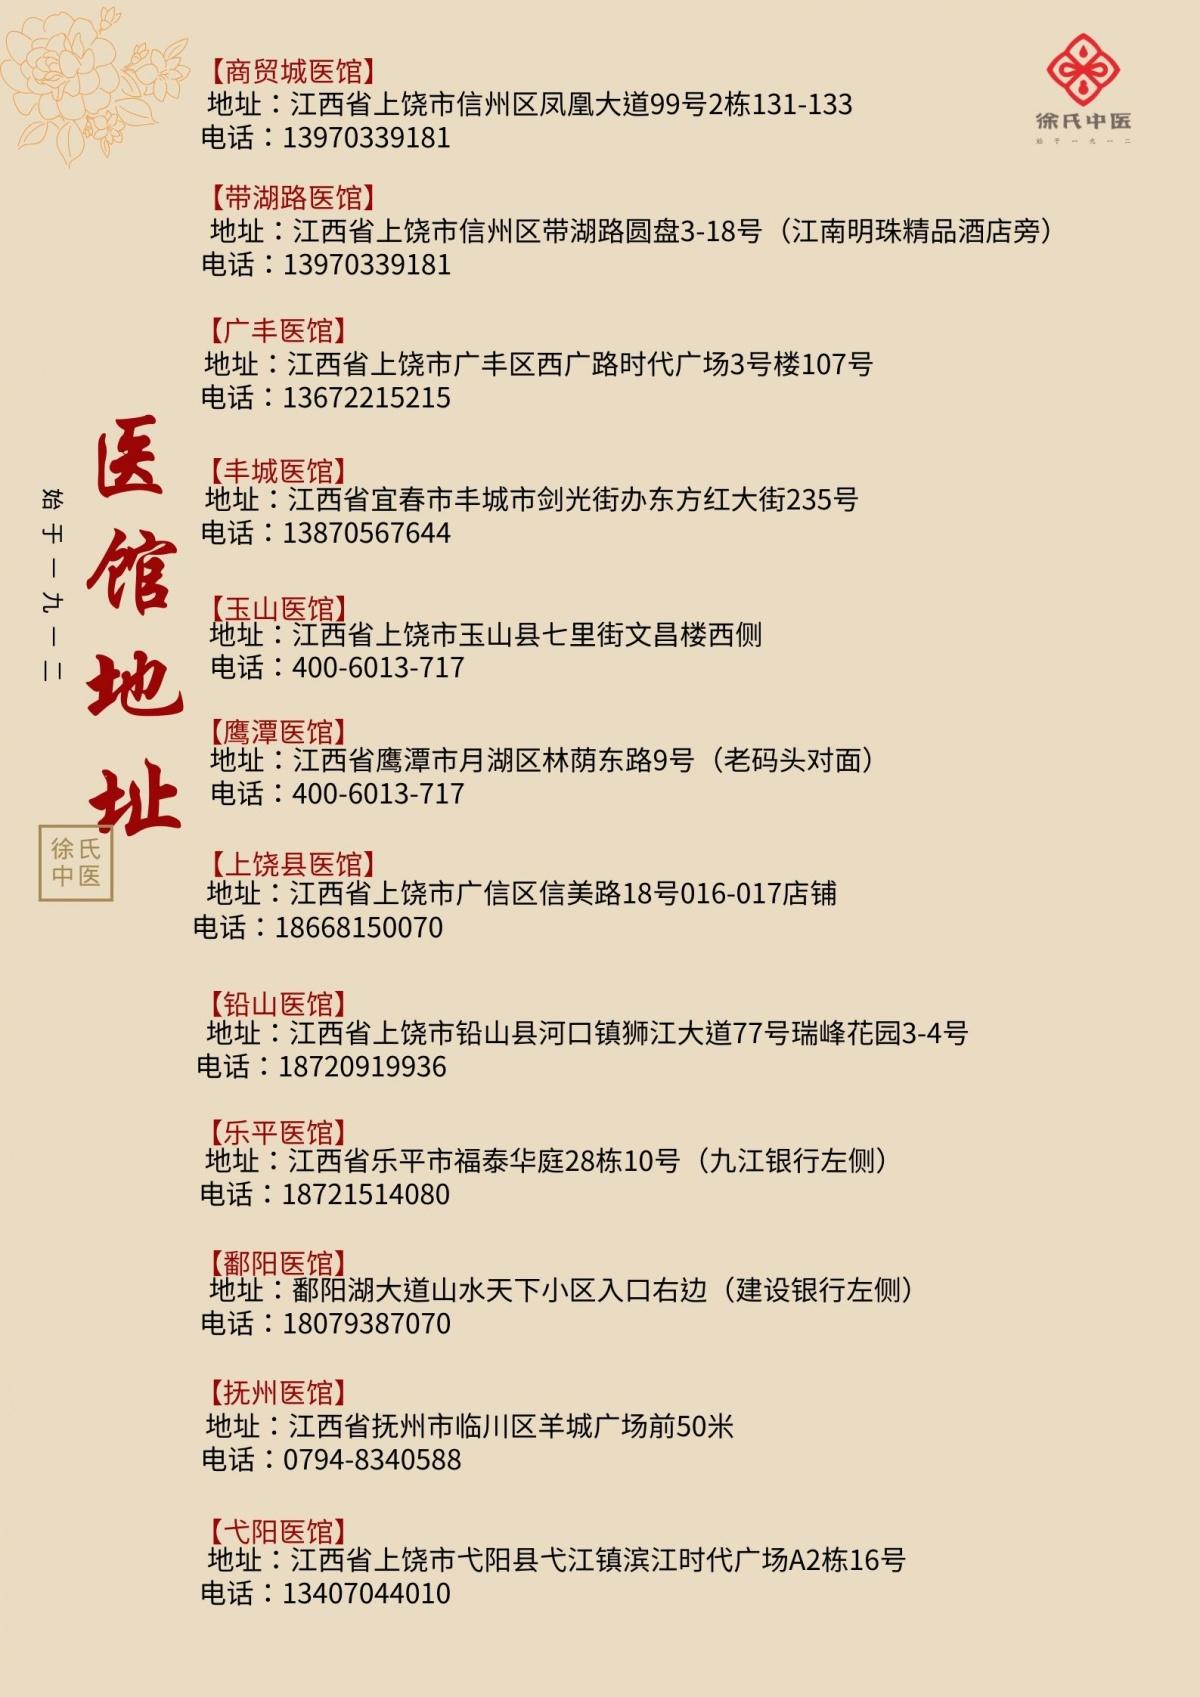 红灰色70周年线条城楼创意国庆中文海报 的副本 (2).jpg